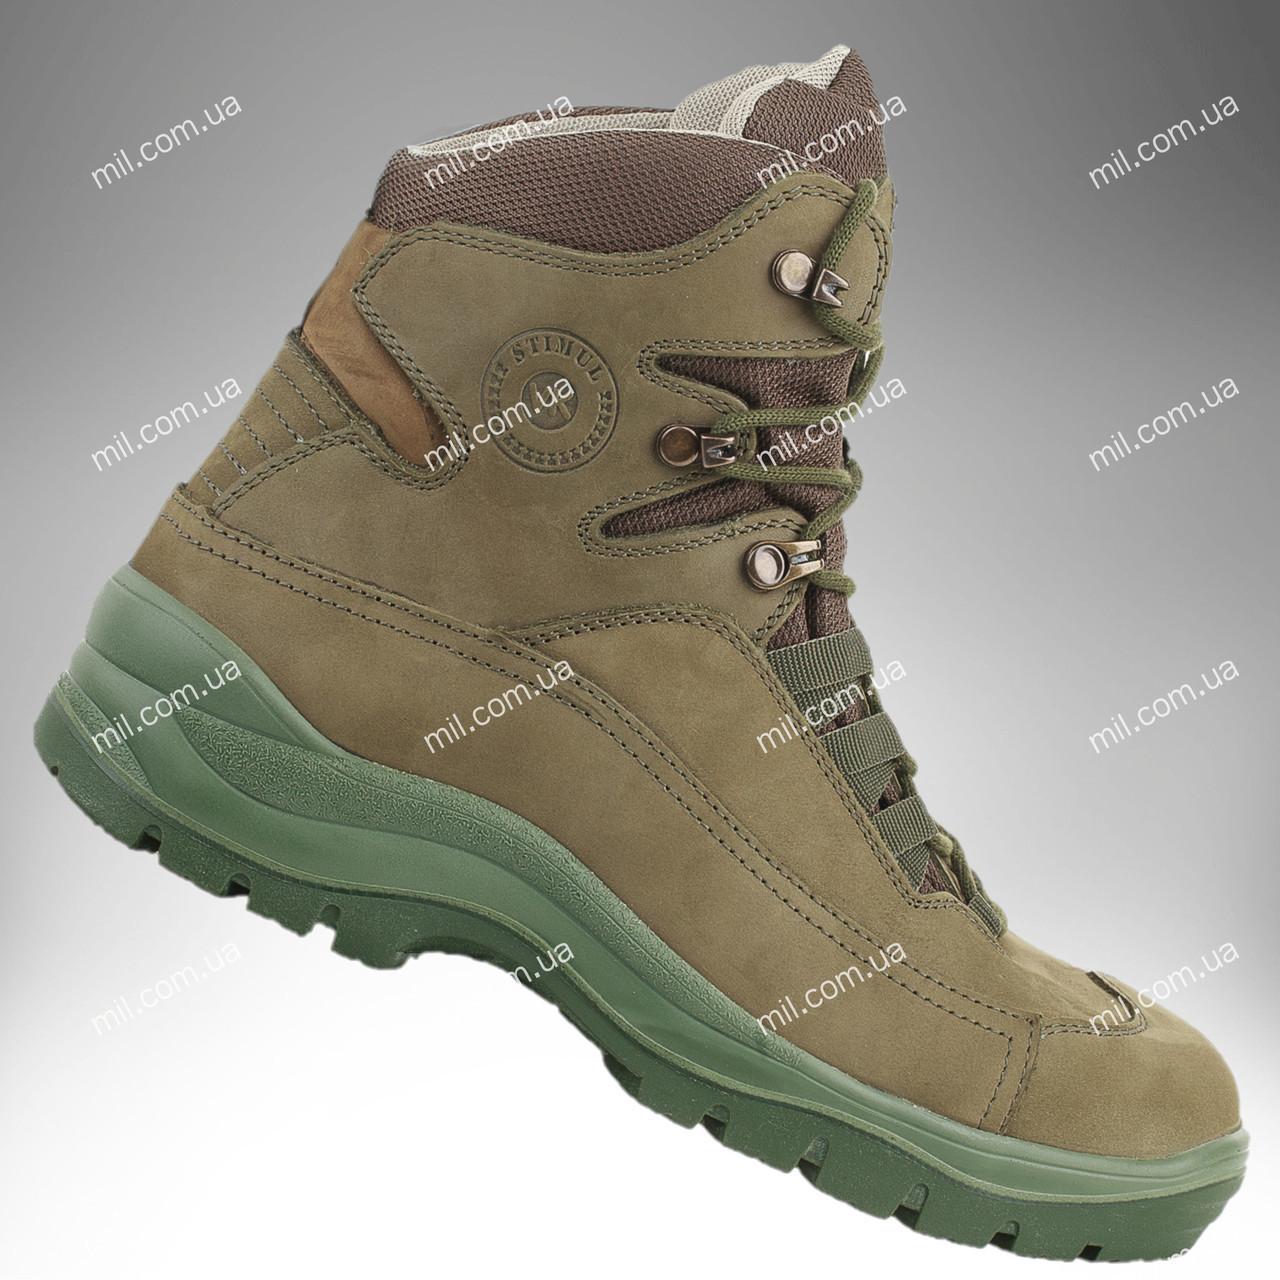 ⭐⭐Тактические ботинки / армейская демисезонная военная обувь GROM (олива) | военная обувь, военные ботинки,